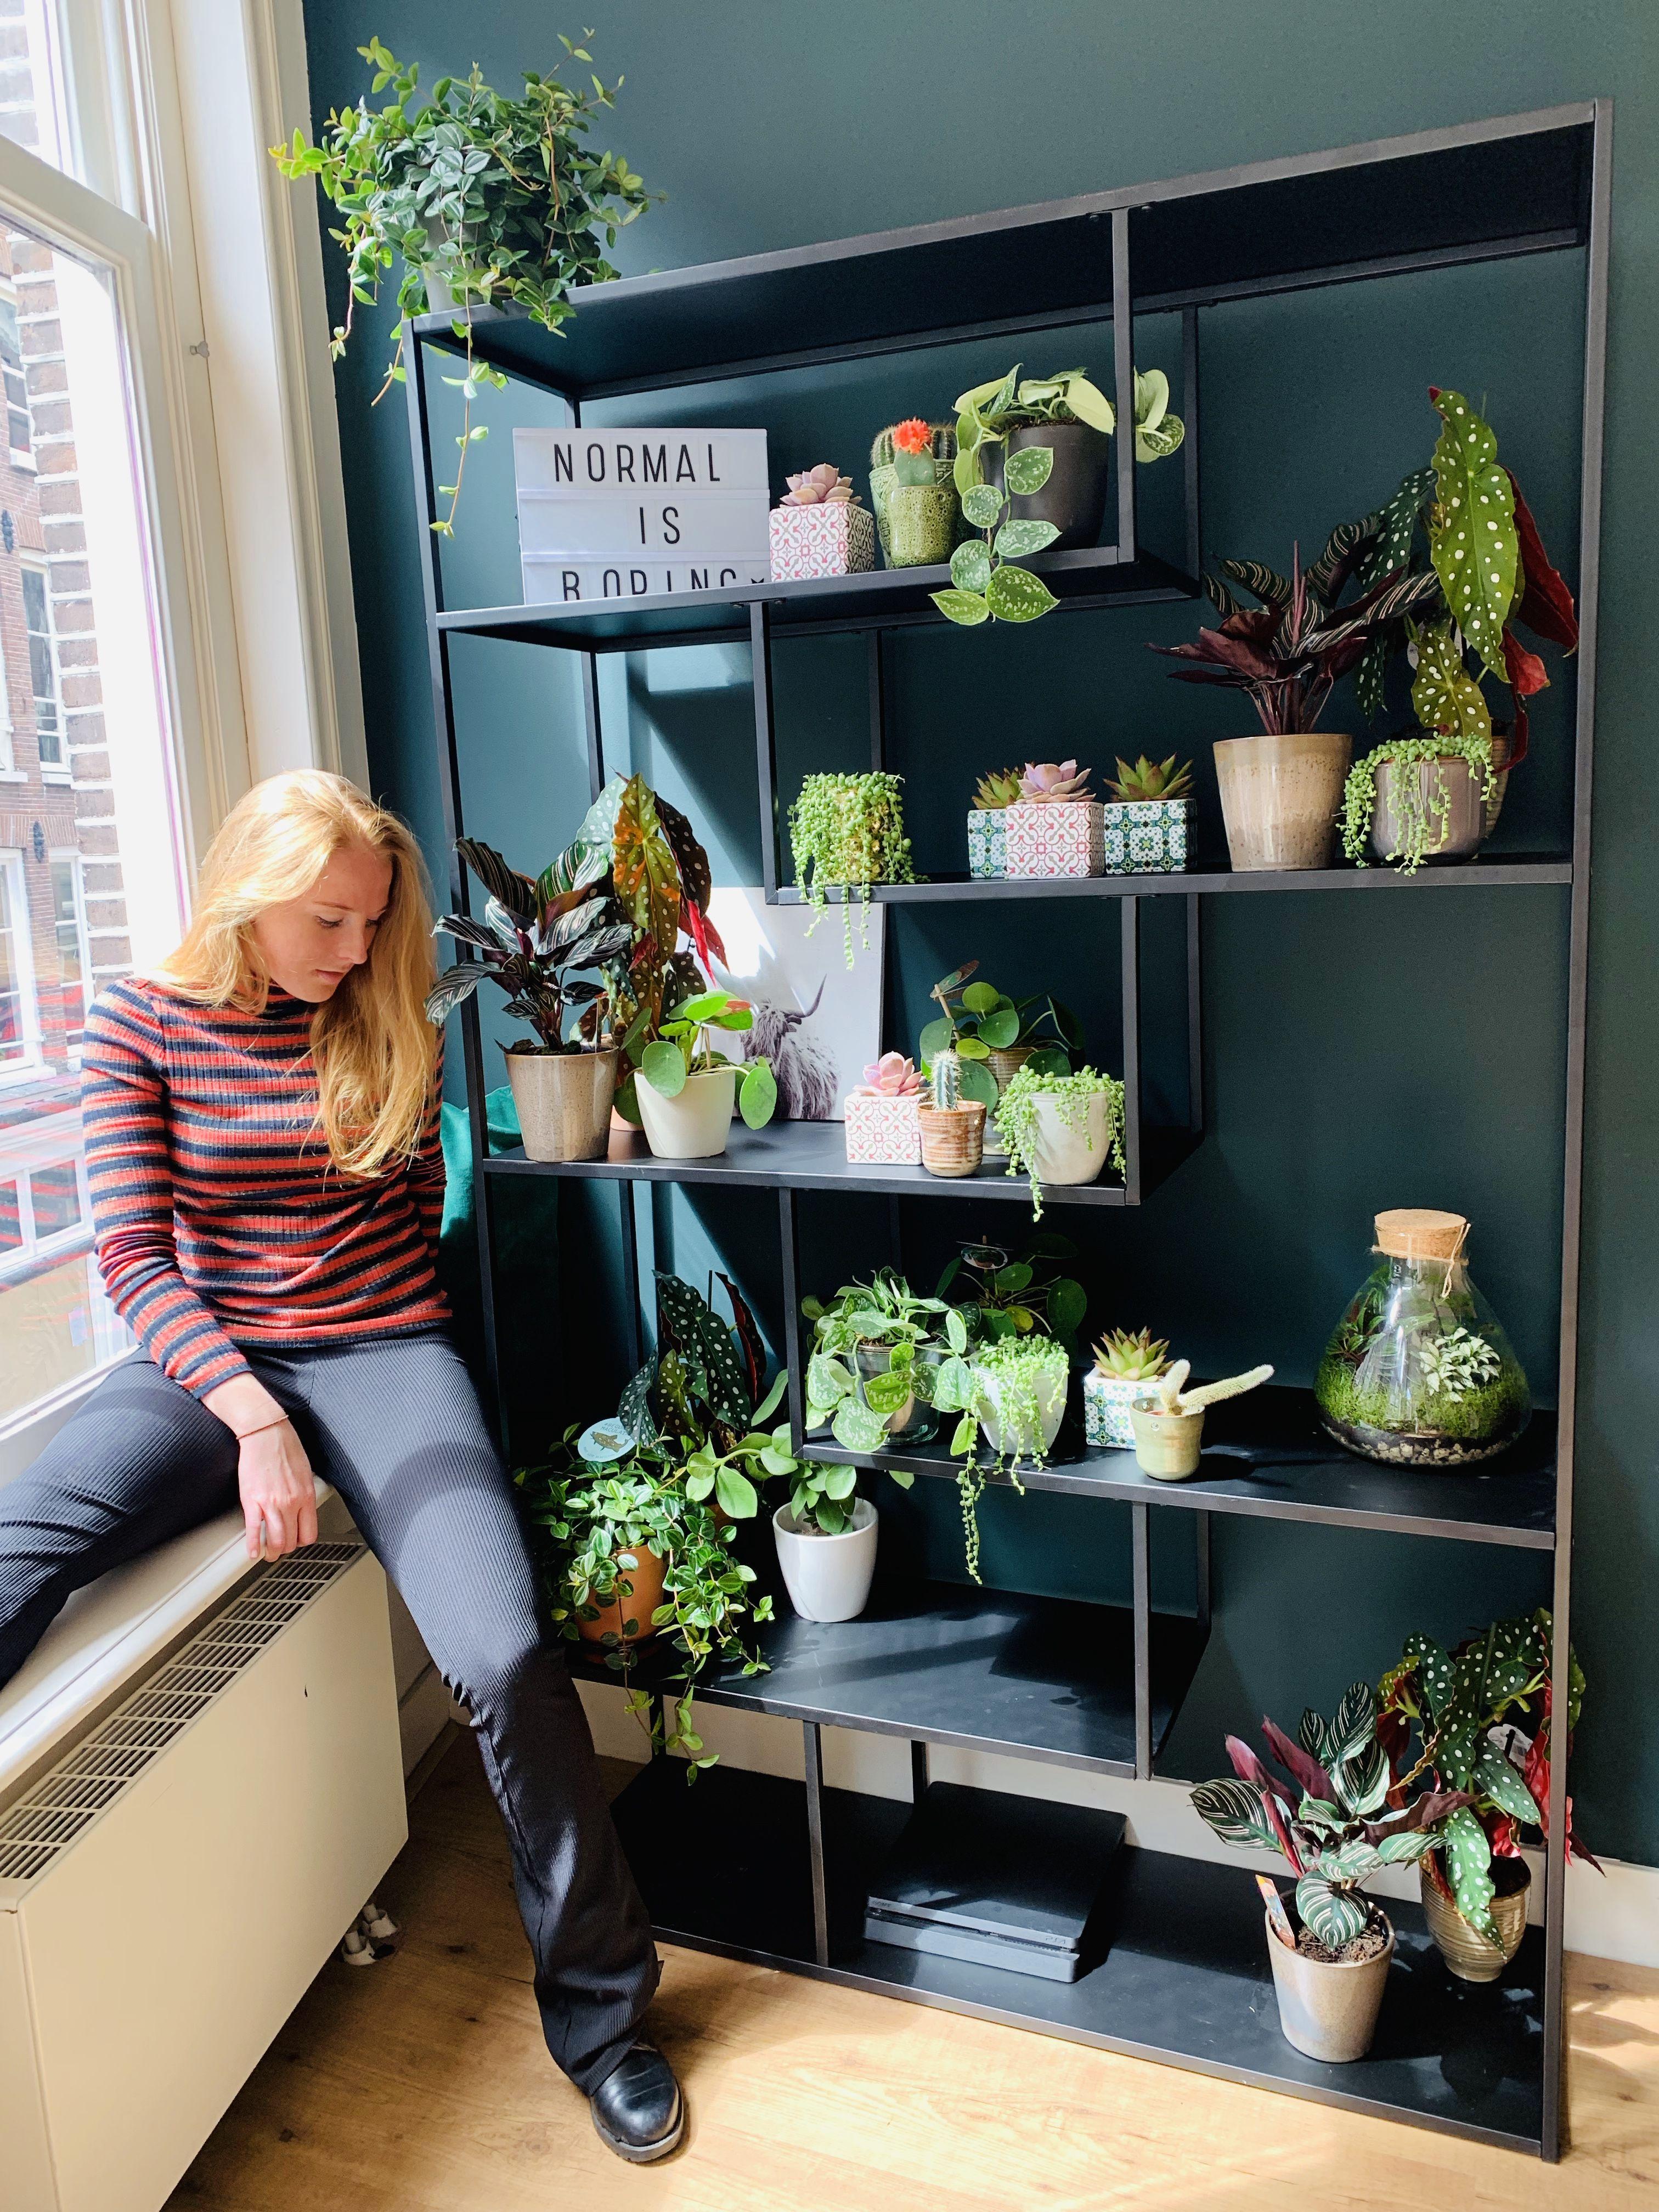 Conservatory Room Addition In The Uk 1040x1485 In 2020: Plantenkast / Groene Inrichting / Groen In Huis/ Planten In Woonkamer. Locatie: Amsterdam Model